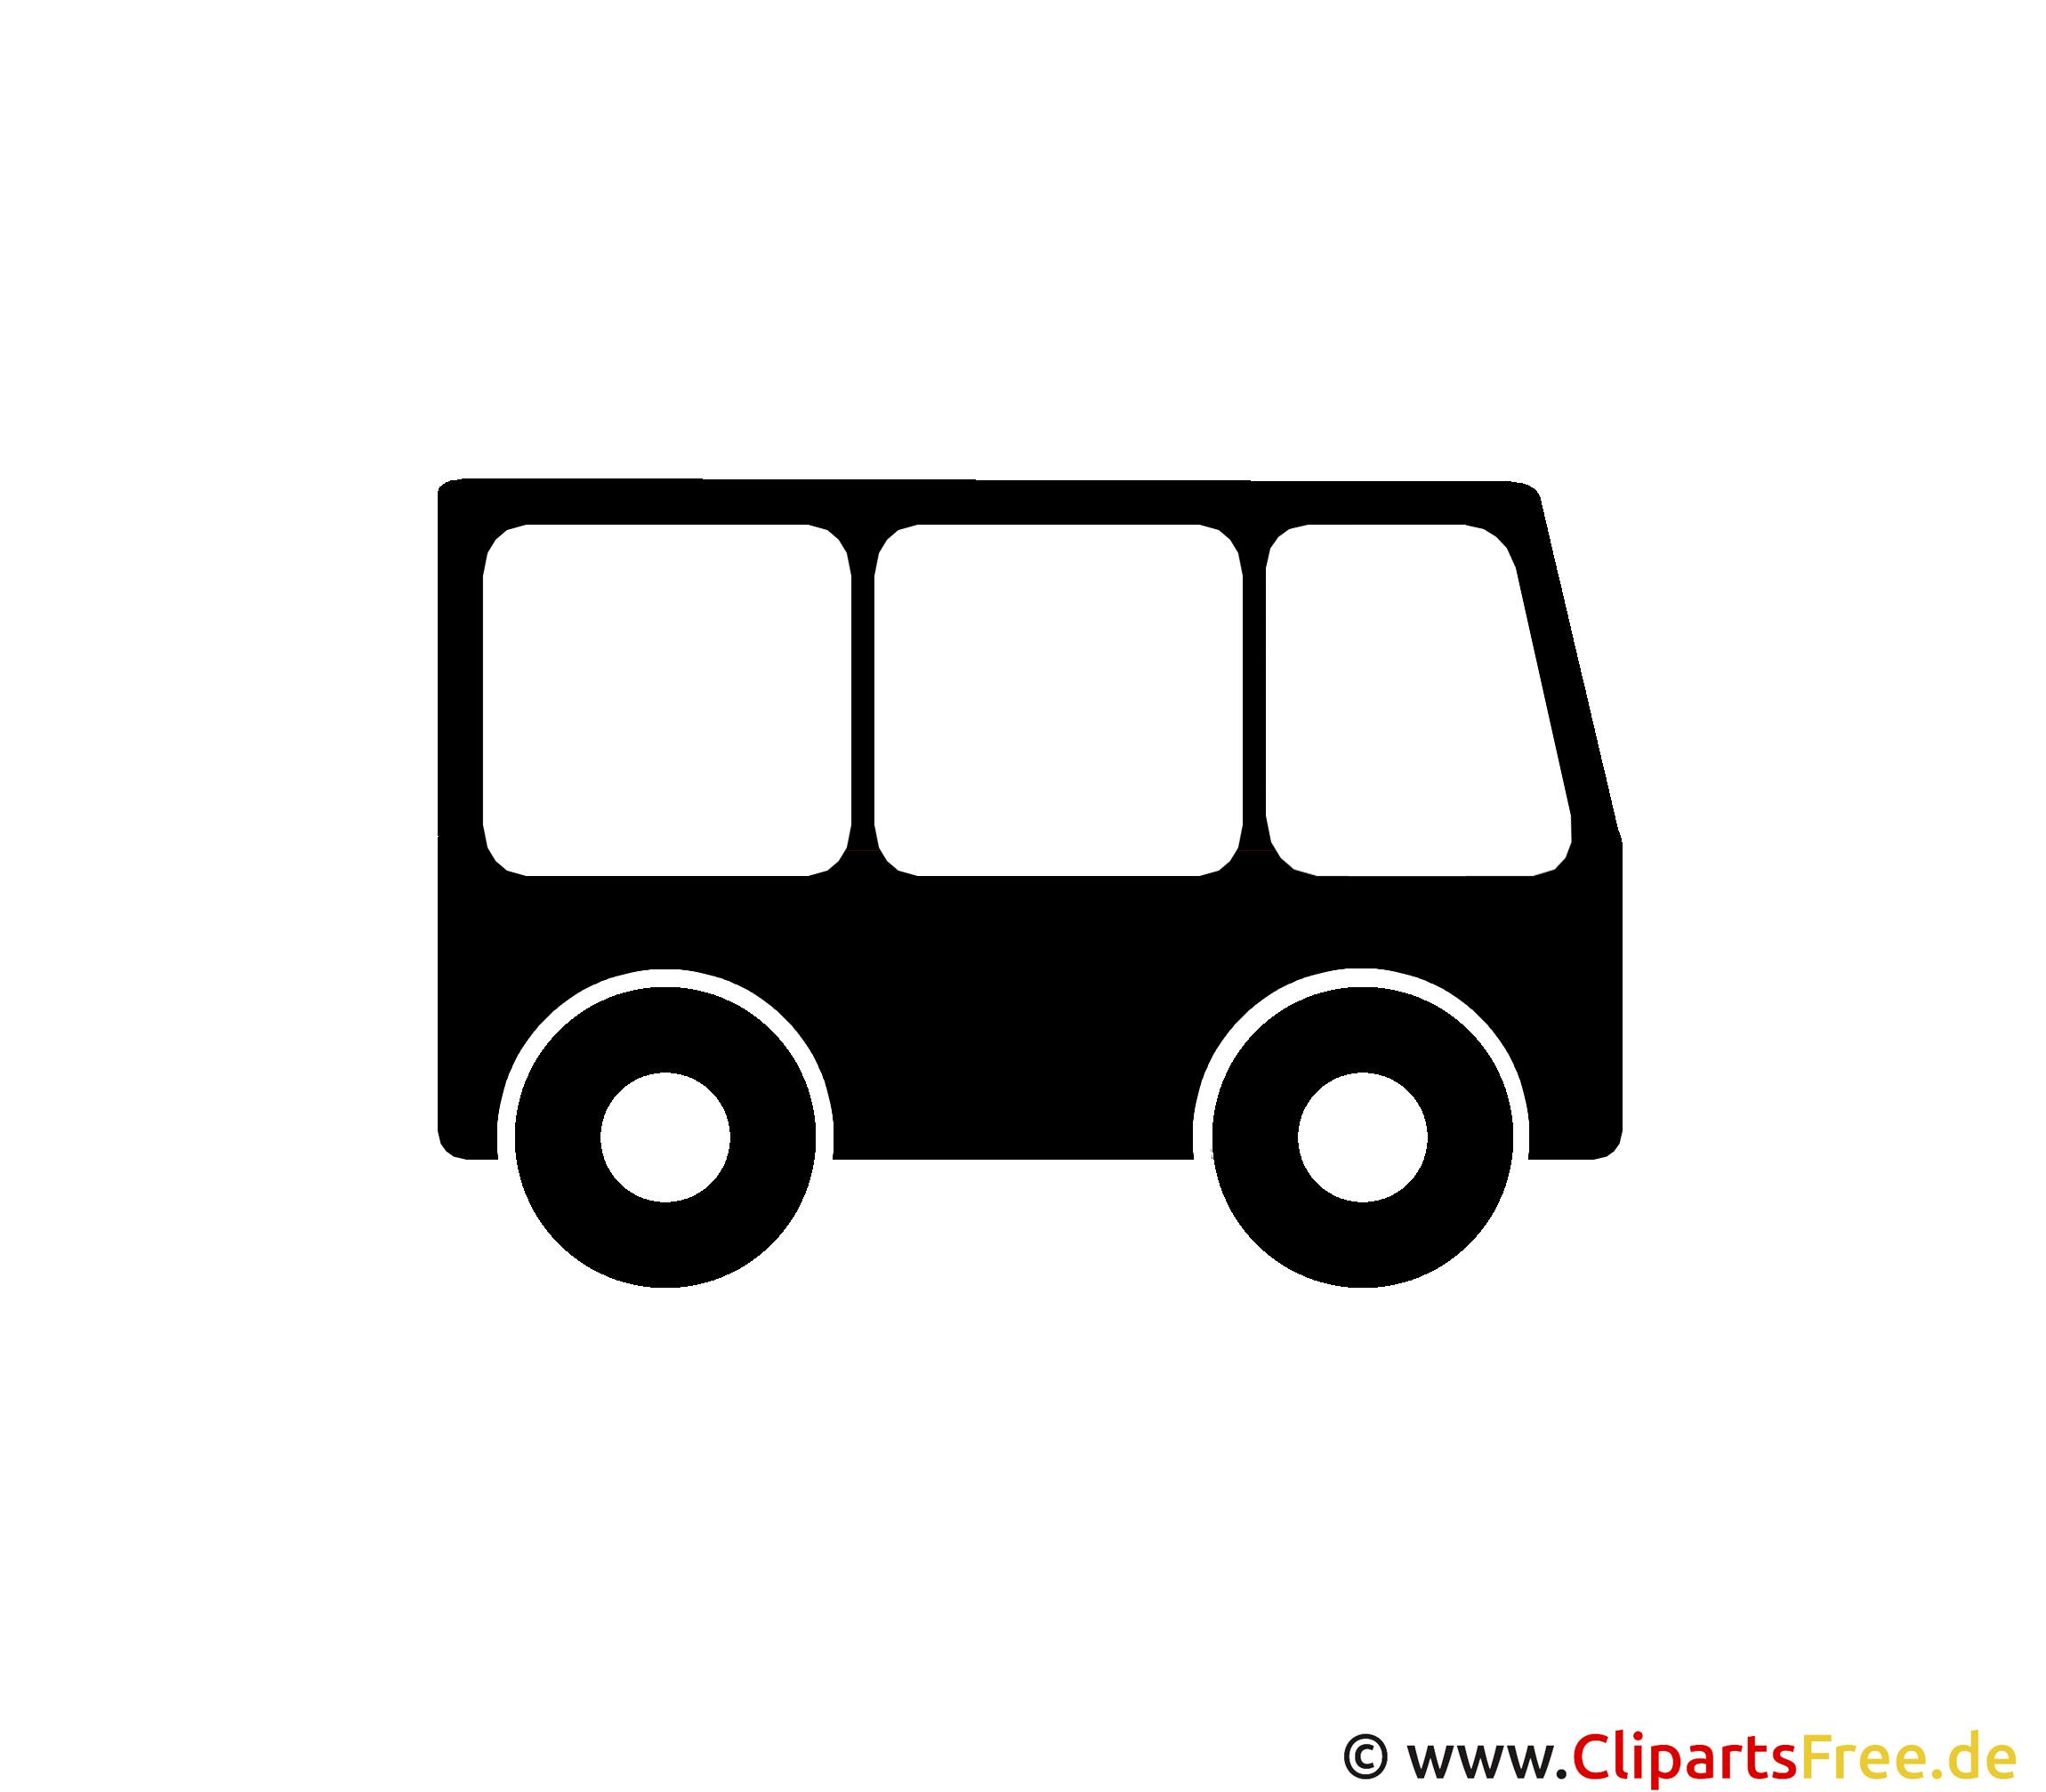 Bus Piktogramme